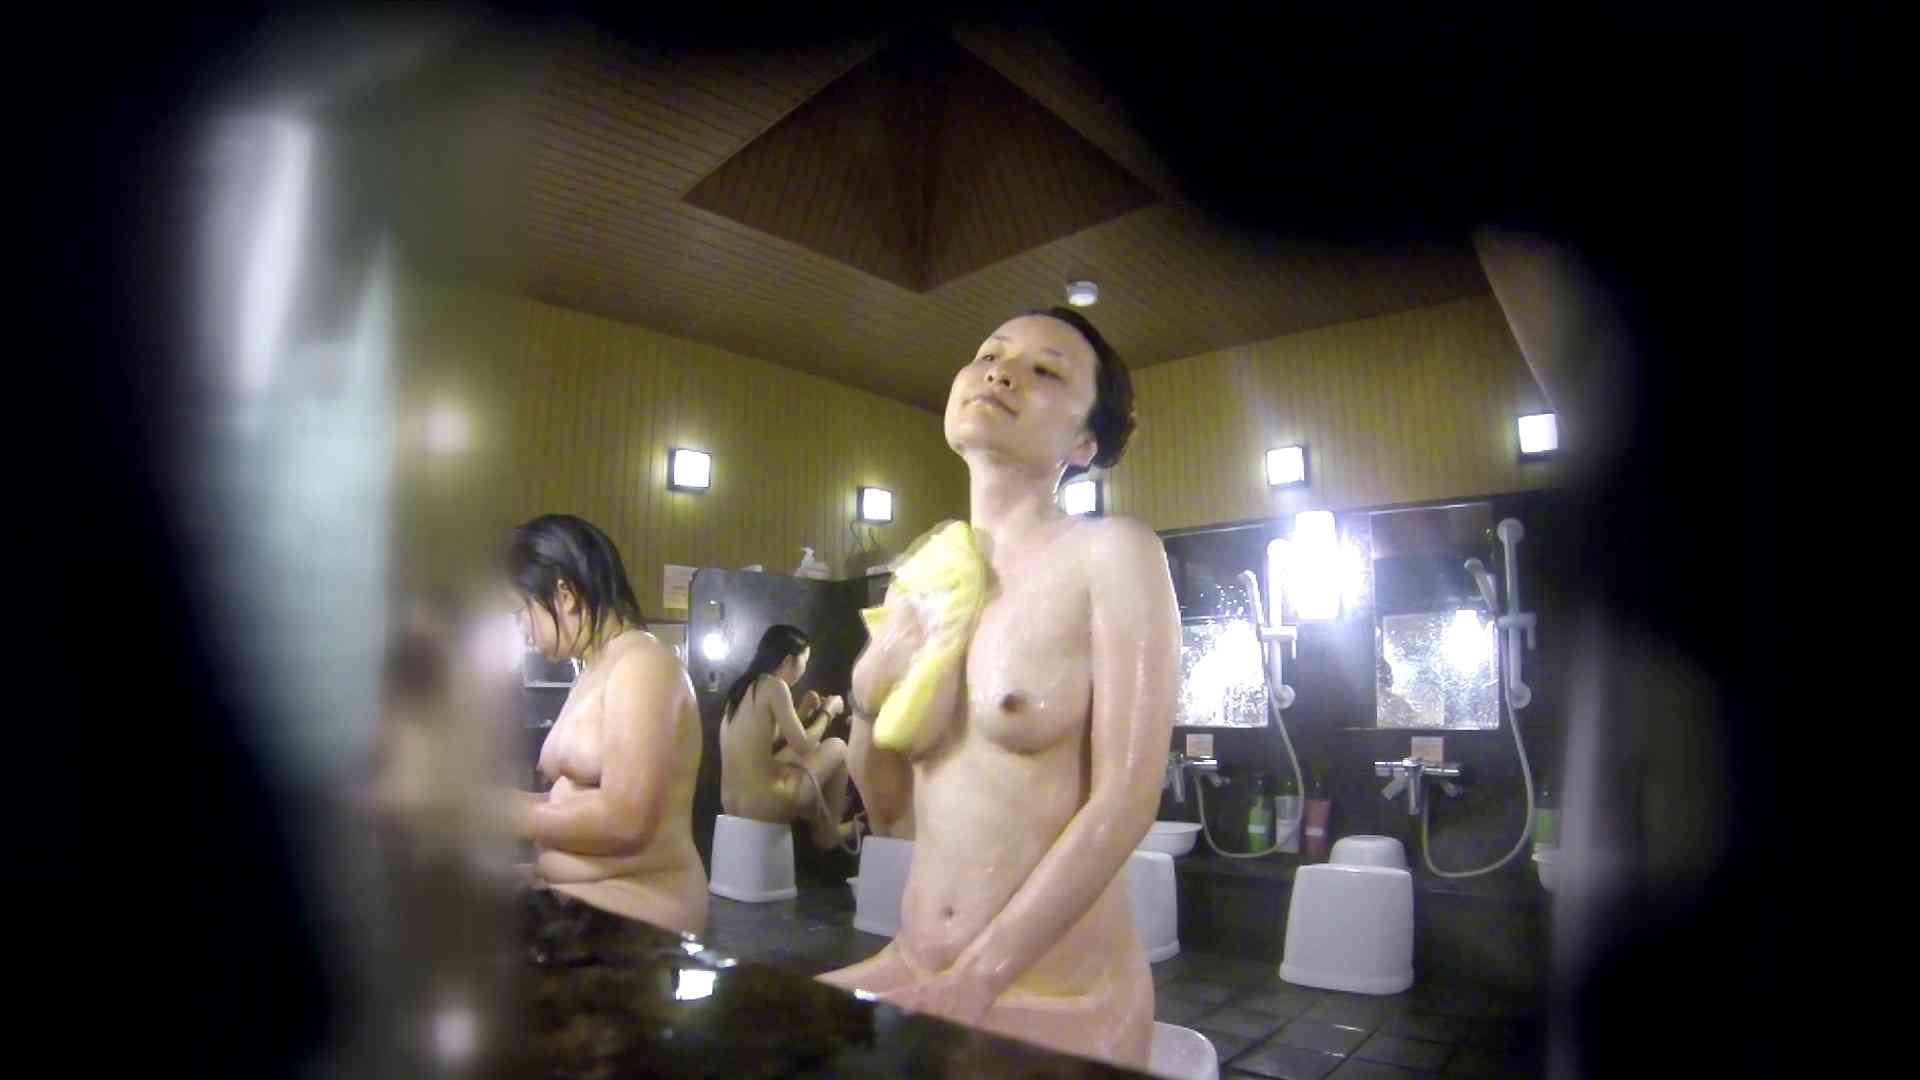 洗い場!アソコの毛辺の手入れで妄想が膨らみました。 美肌 すけべAV動画紹介 55画像 51